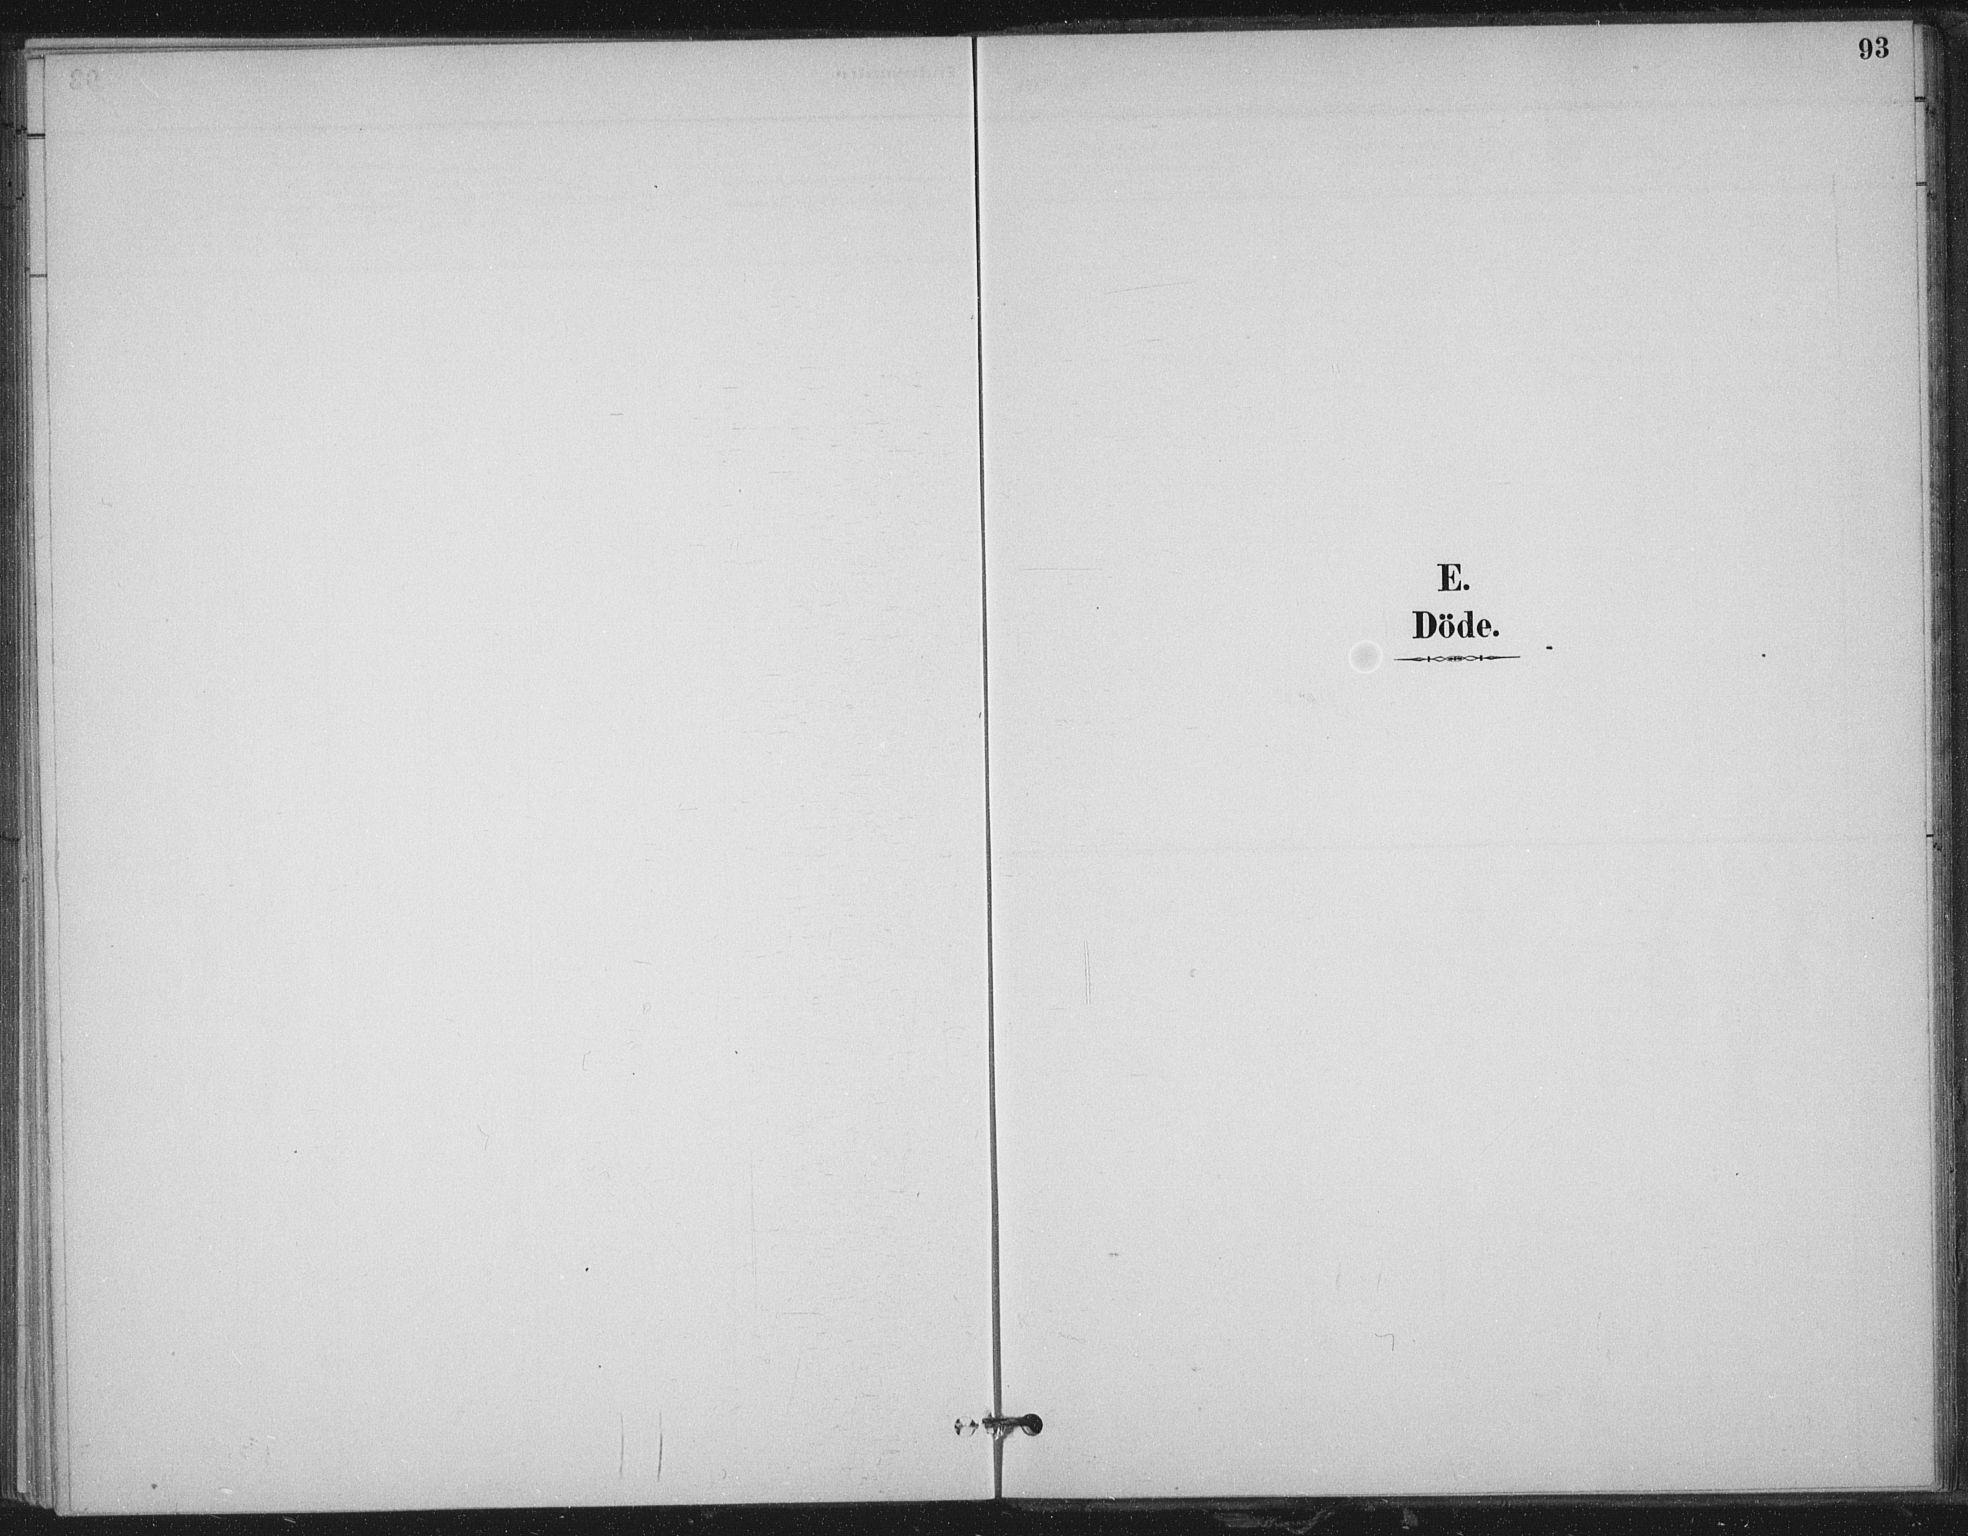 SAT, Ministerialprotokoller, klokkerbøker og fødselsregistre - Nord-Trøndelag, 702/L0023: Ministerialbok nr. 702A01, 1883-1897, s. 93